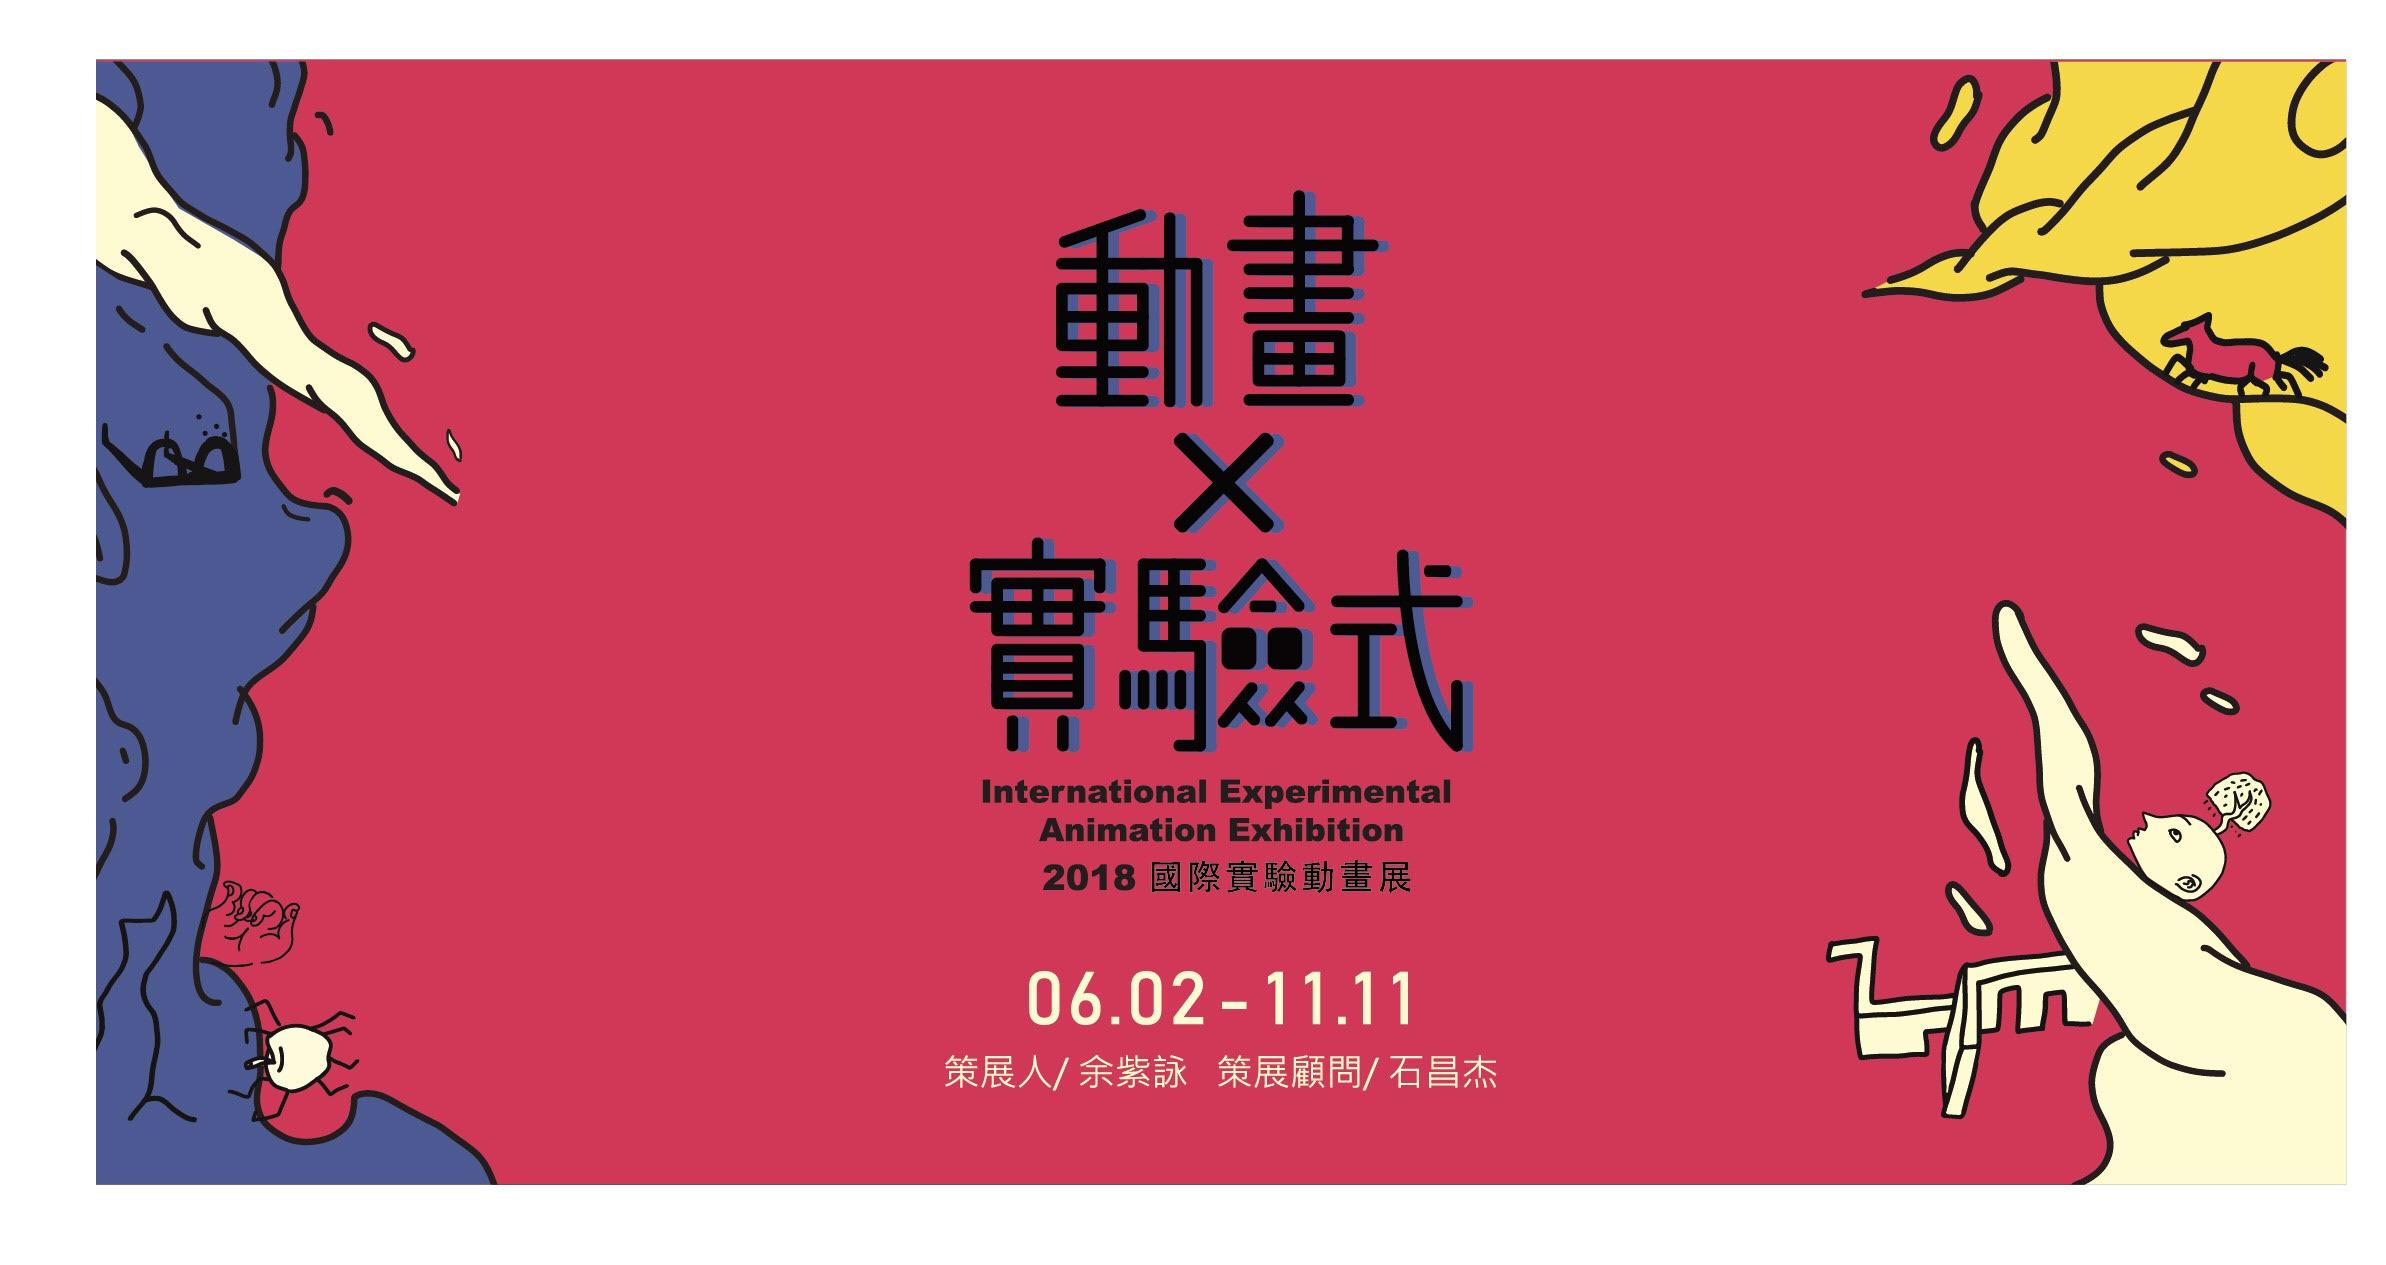 2018國際實驗動畫展